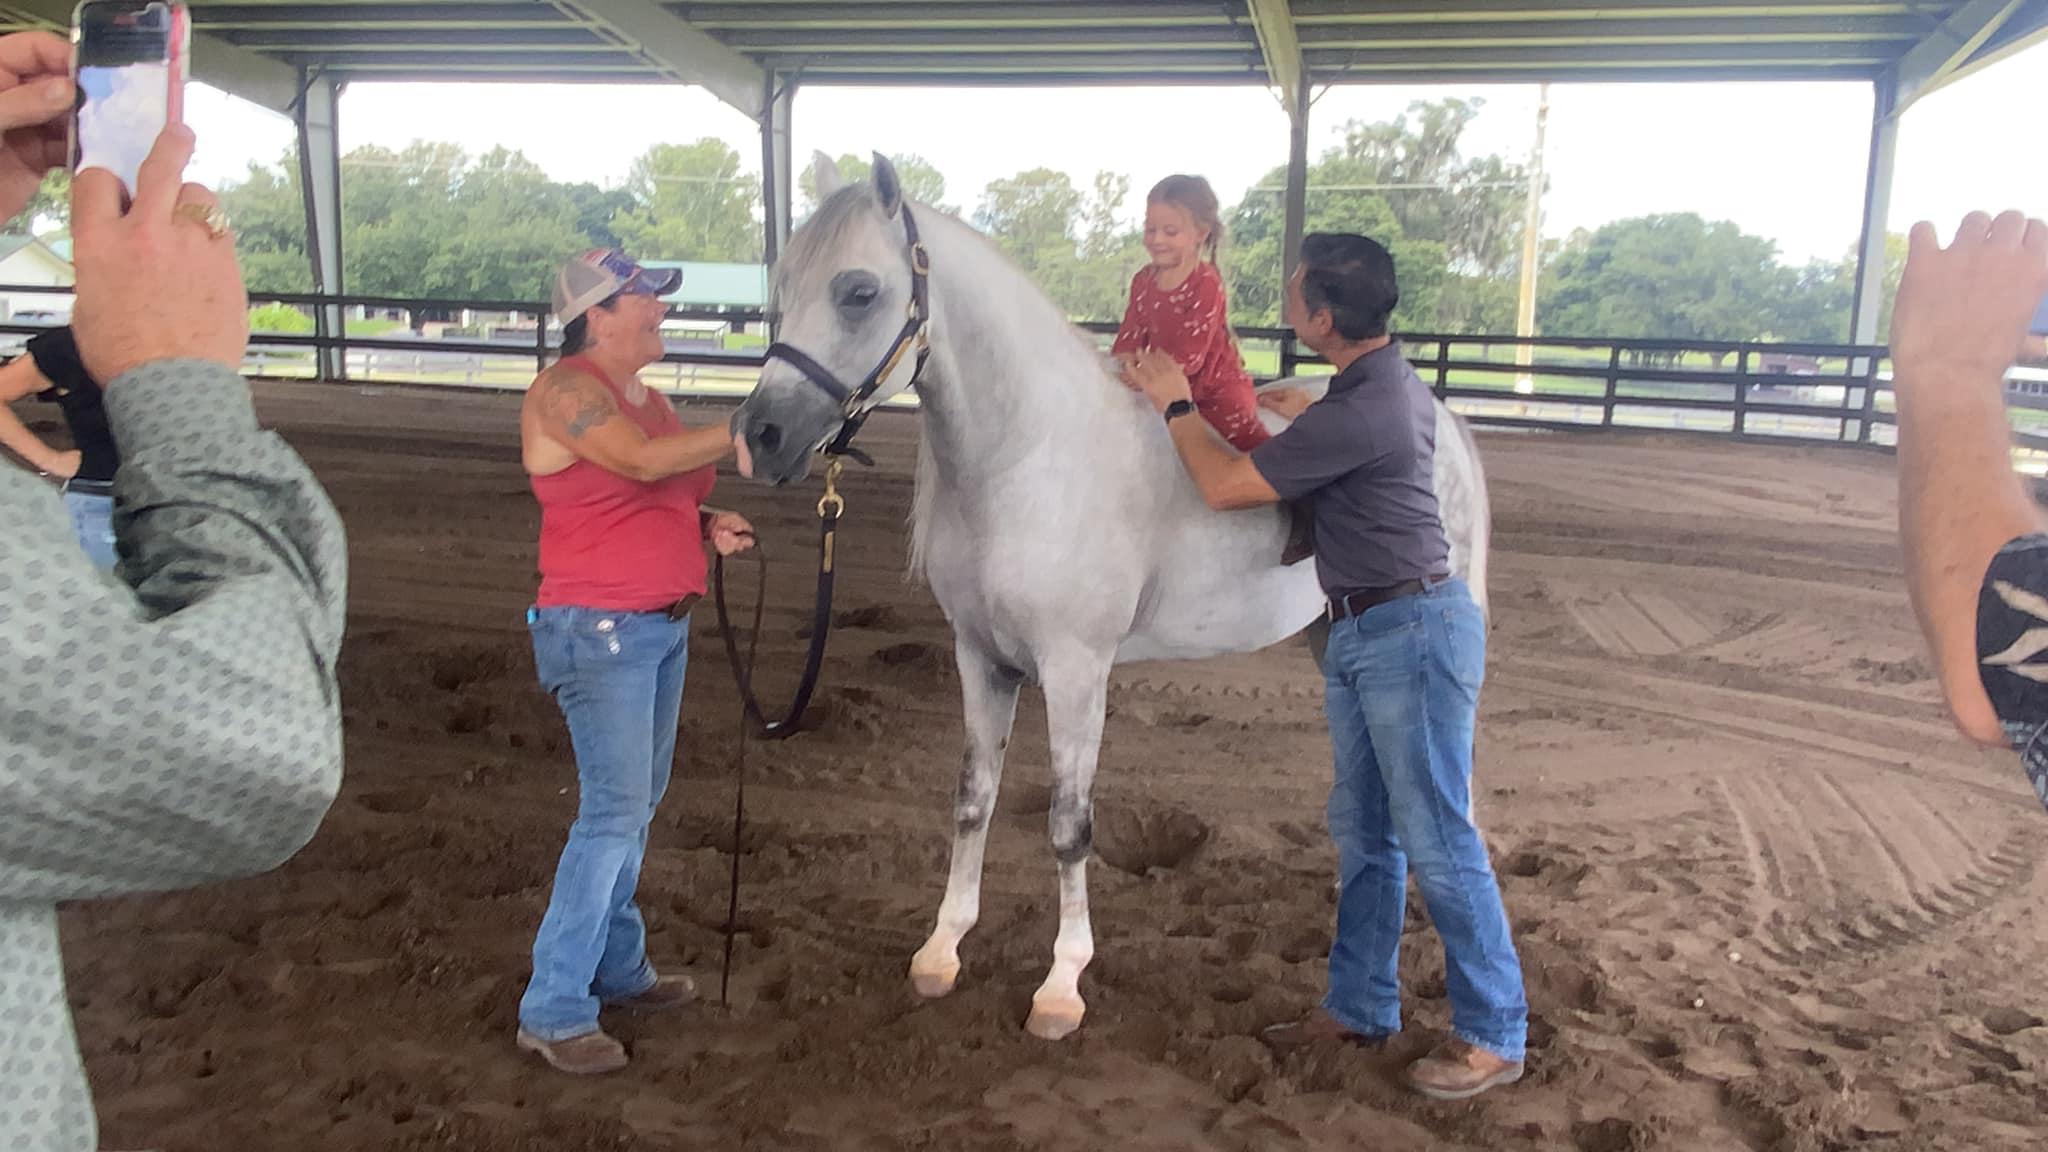 Ideal horses for children